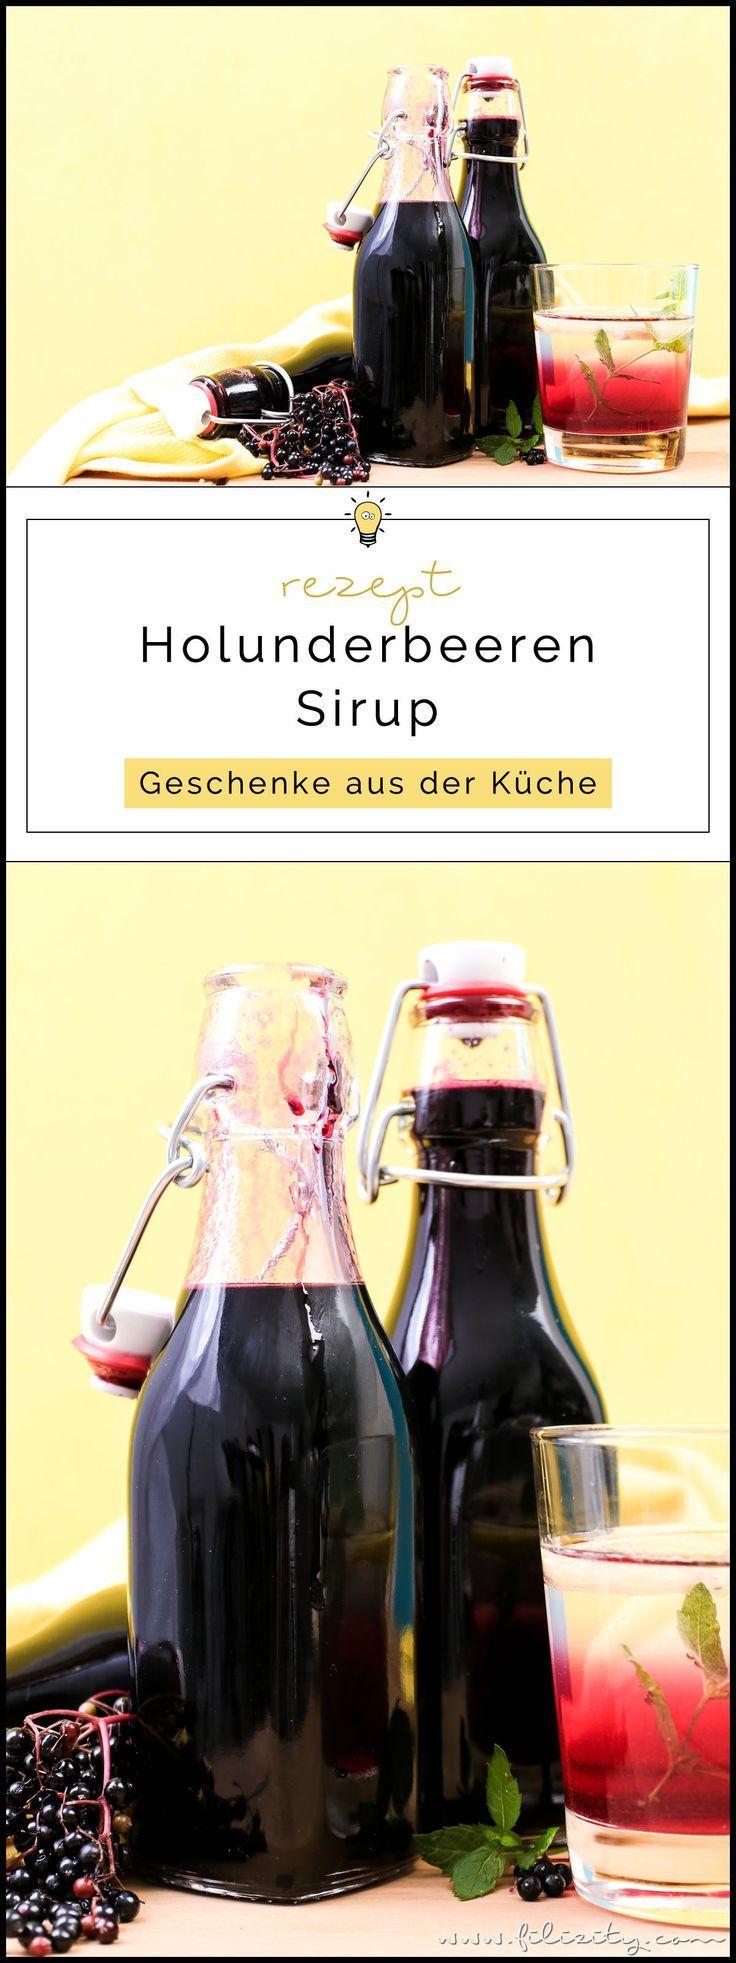 Holunderbeeren-Sirup Rezept (Fliederbeerensirup) für Getränke & mehr | Filizity.com | Food-Blog aus dem Rheinland